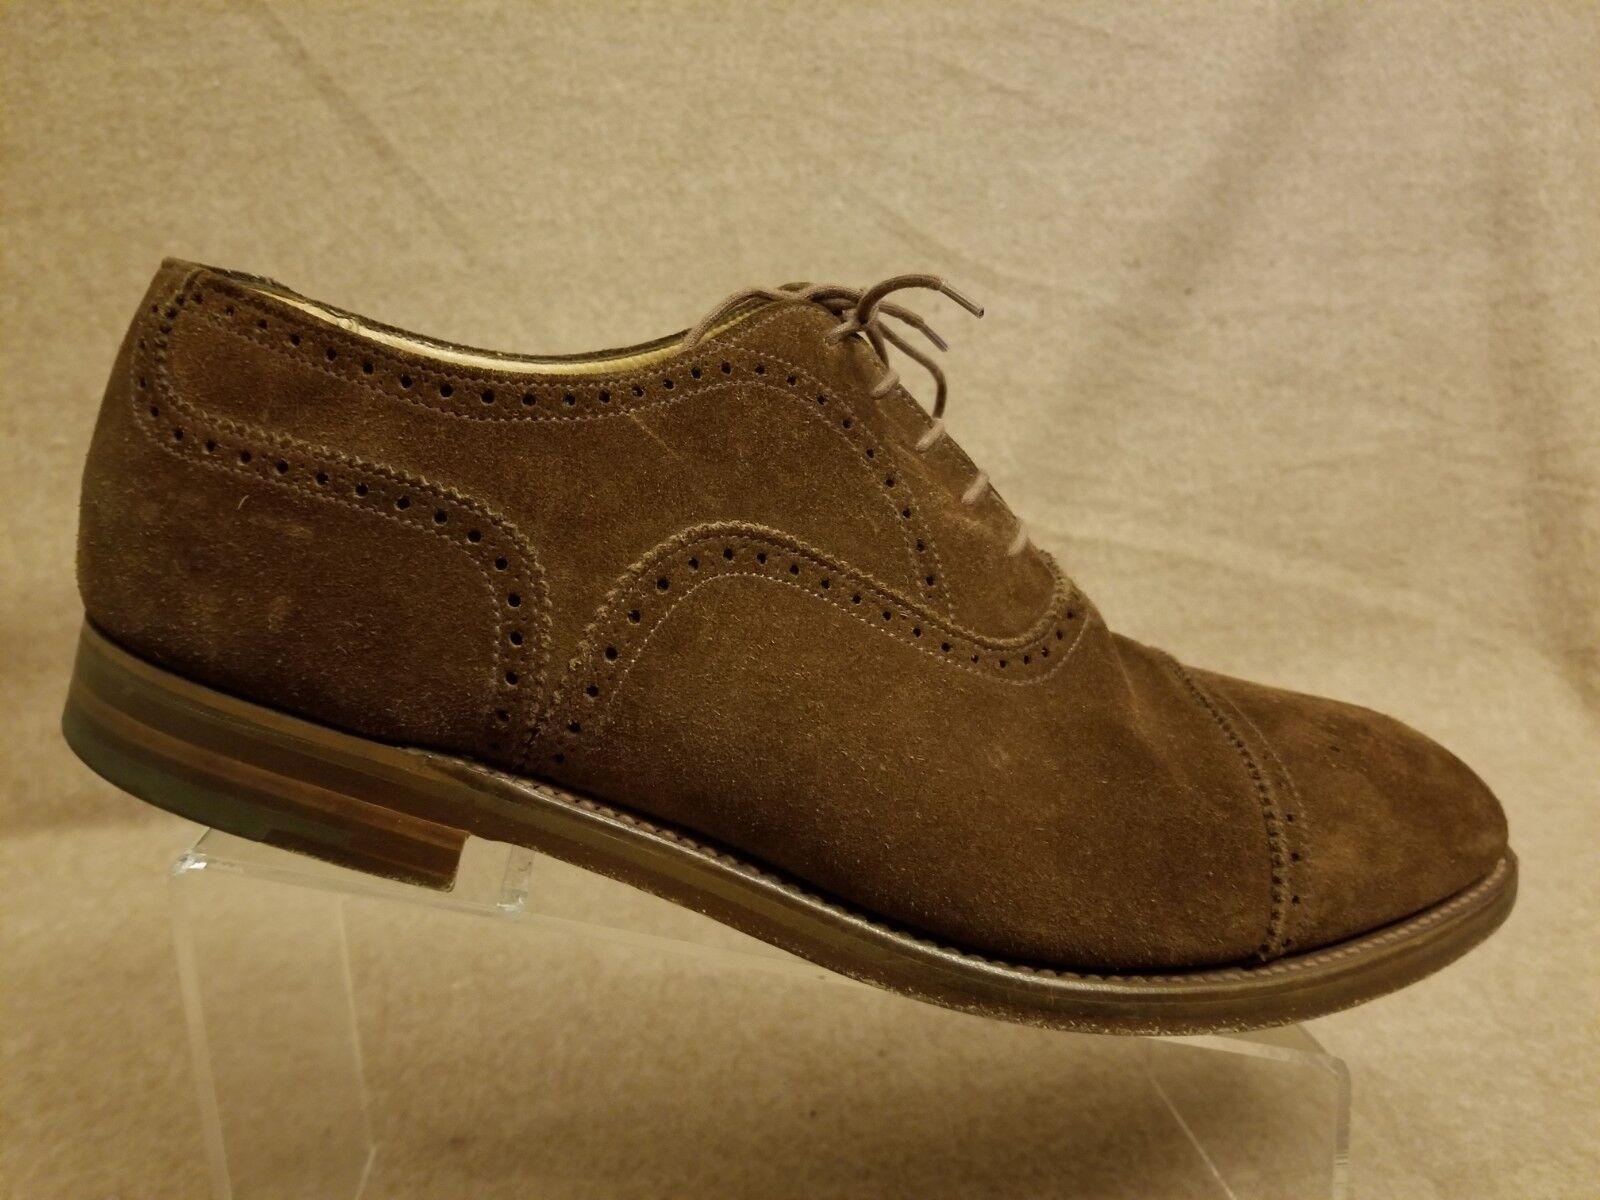 Alfrojo Splata Hombres Marrón Gamuza Cuero puntera Oxford de vestir Zapatos G